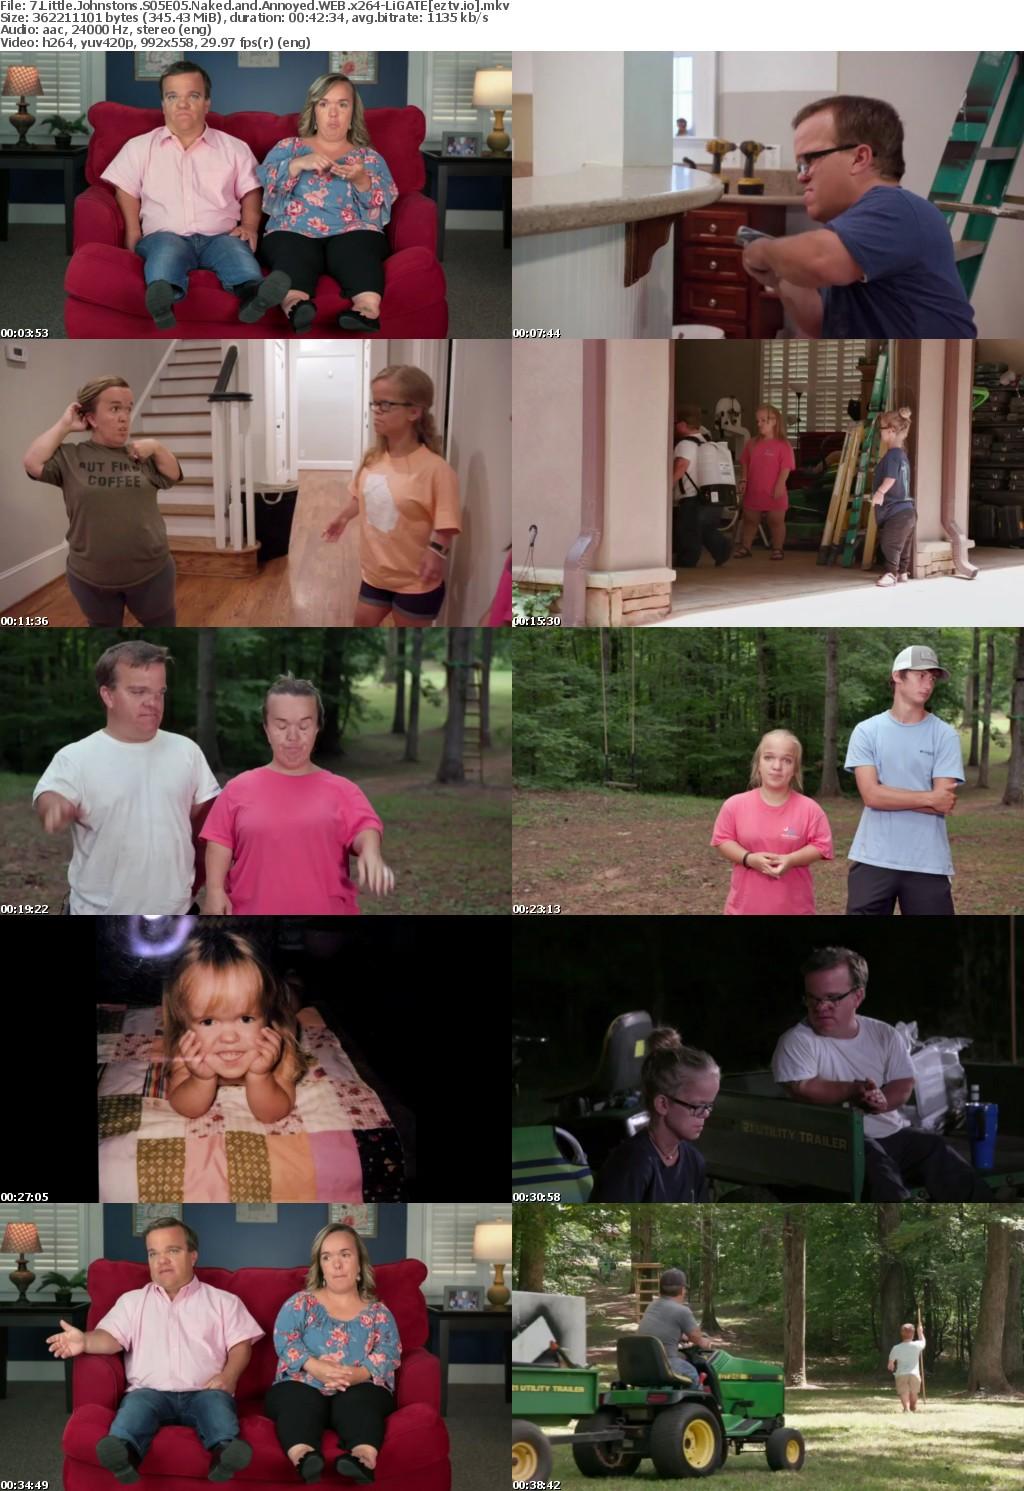 7 Little Johnstons S05E05 Naked and Annoyed WEB x264-LiGATE